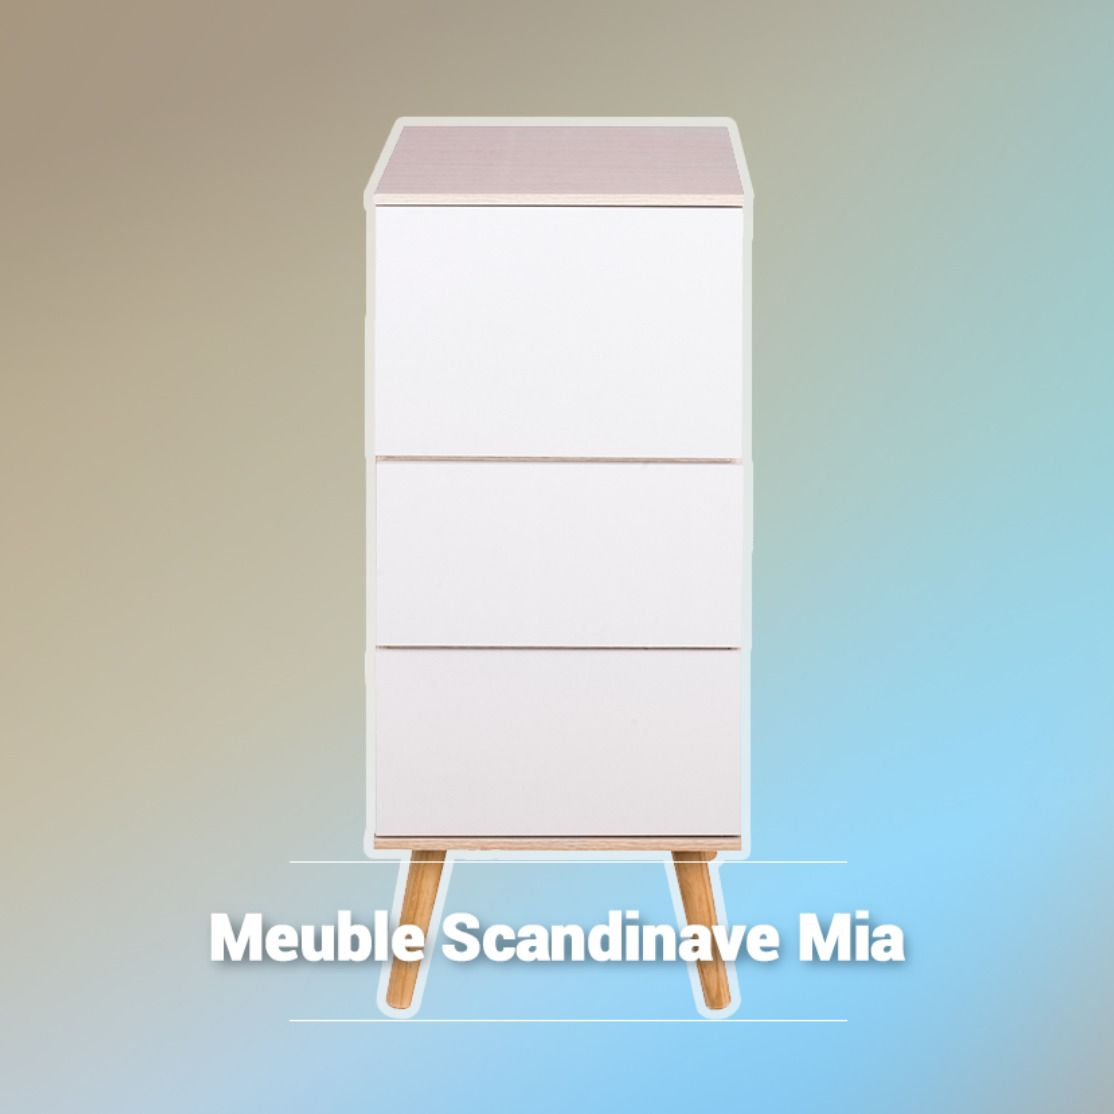 Meuble Scandinave Mia La Foir Fouille Meuble De Salle De Bain Meuble Tiroir